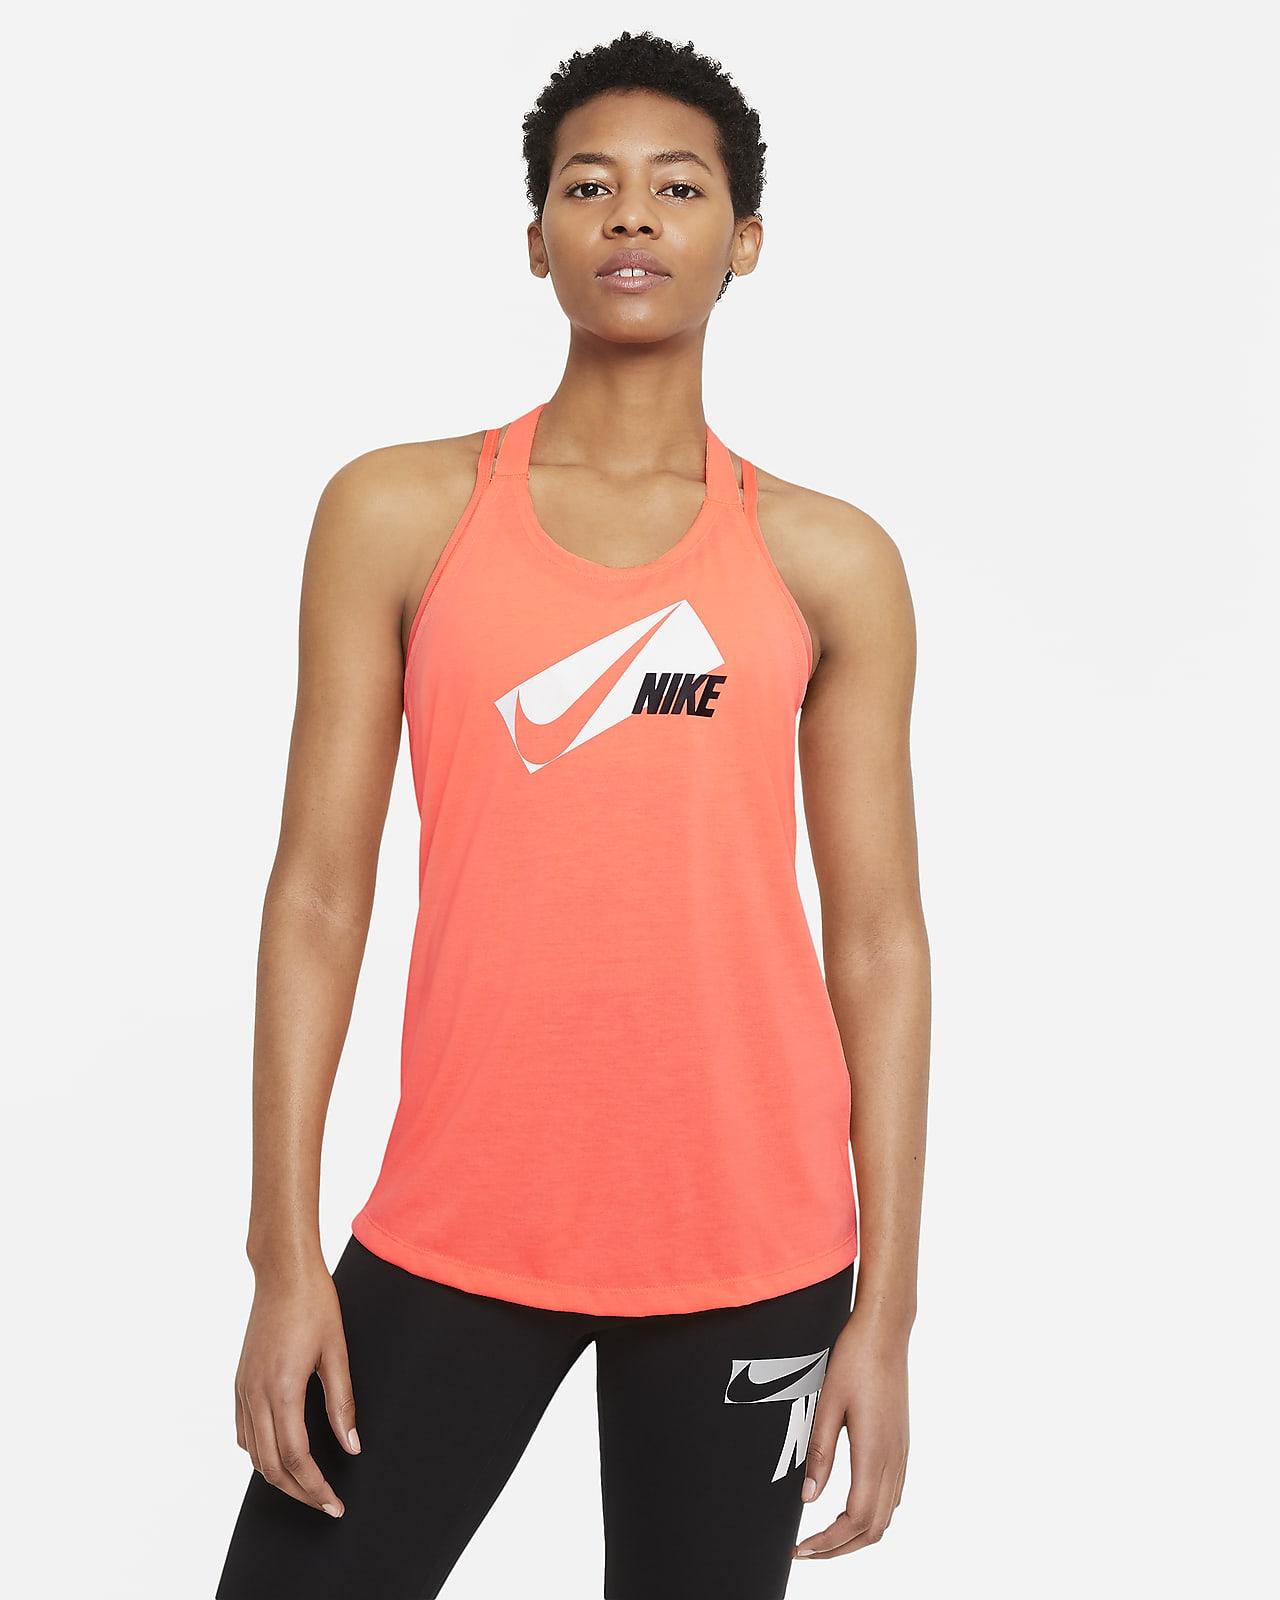 Nike Dri-FIT Elastika Camiseta de tirantes de entrenamiento con estampado - Mujer